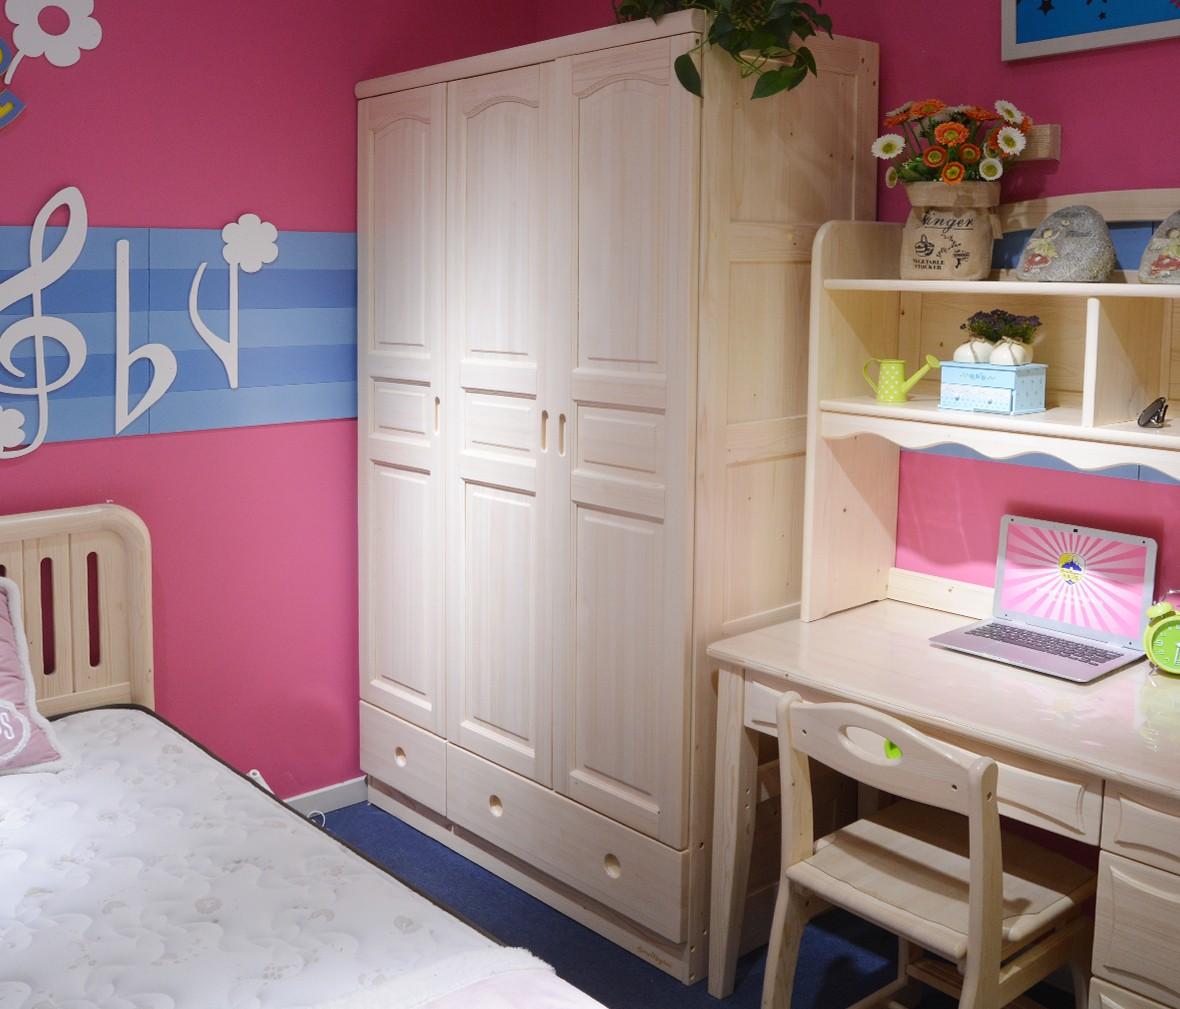 松堡王国 SP-A-G003型号三门衣柜 芬兰松木材质儿童家具 商品情景